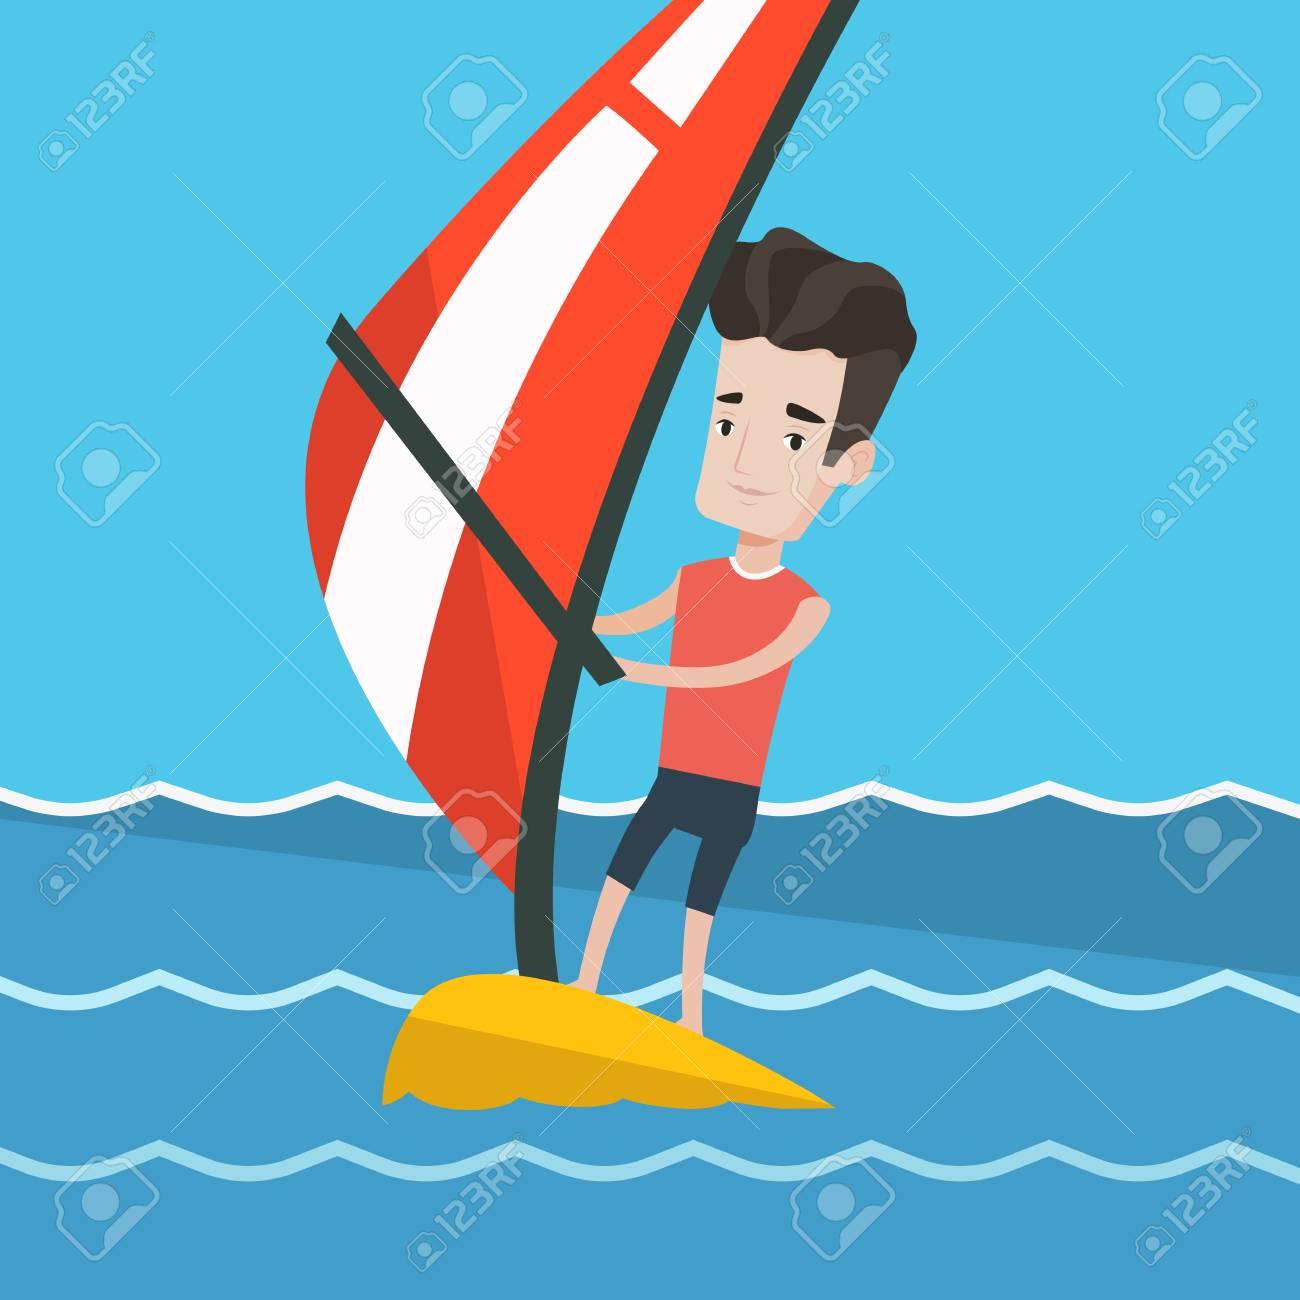 Man Planche A Voile Dans Un Beau Jour D Ete L Homme Debout Sur La Planche A Voile Pour Le Surf Man Apprendre Le Windsurf Formation Windsurfer Sur L Eau Vector Design Plat Illustration Layout